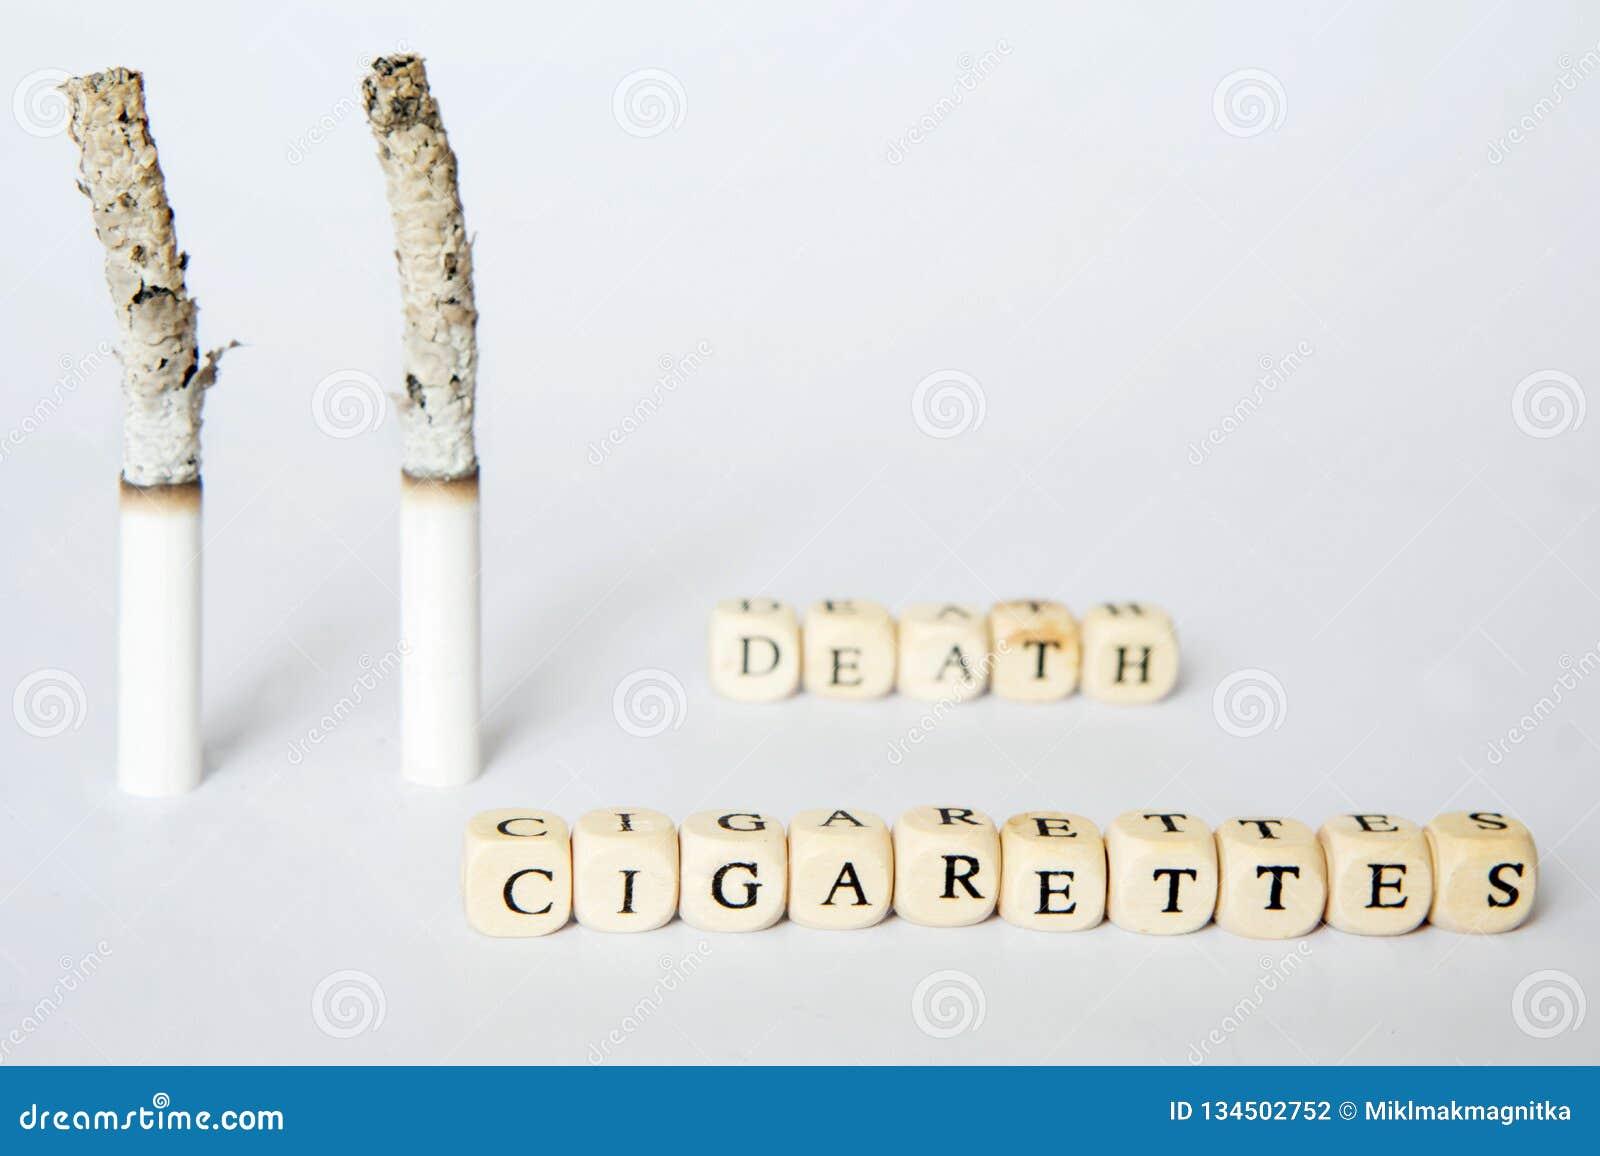 Imagen simbólica de la muerte debido al tabaquismo Inscripciones sobre los cigarrillos y muerte